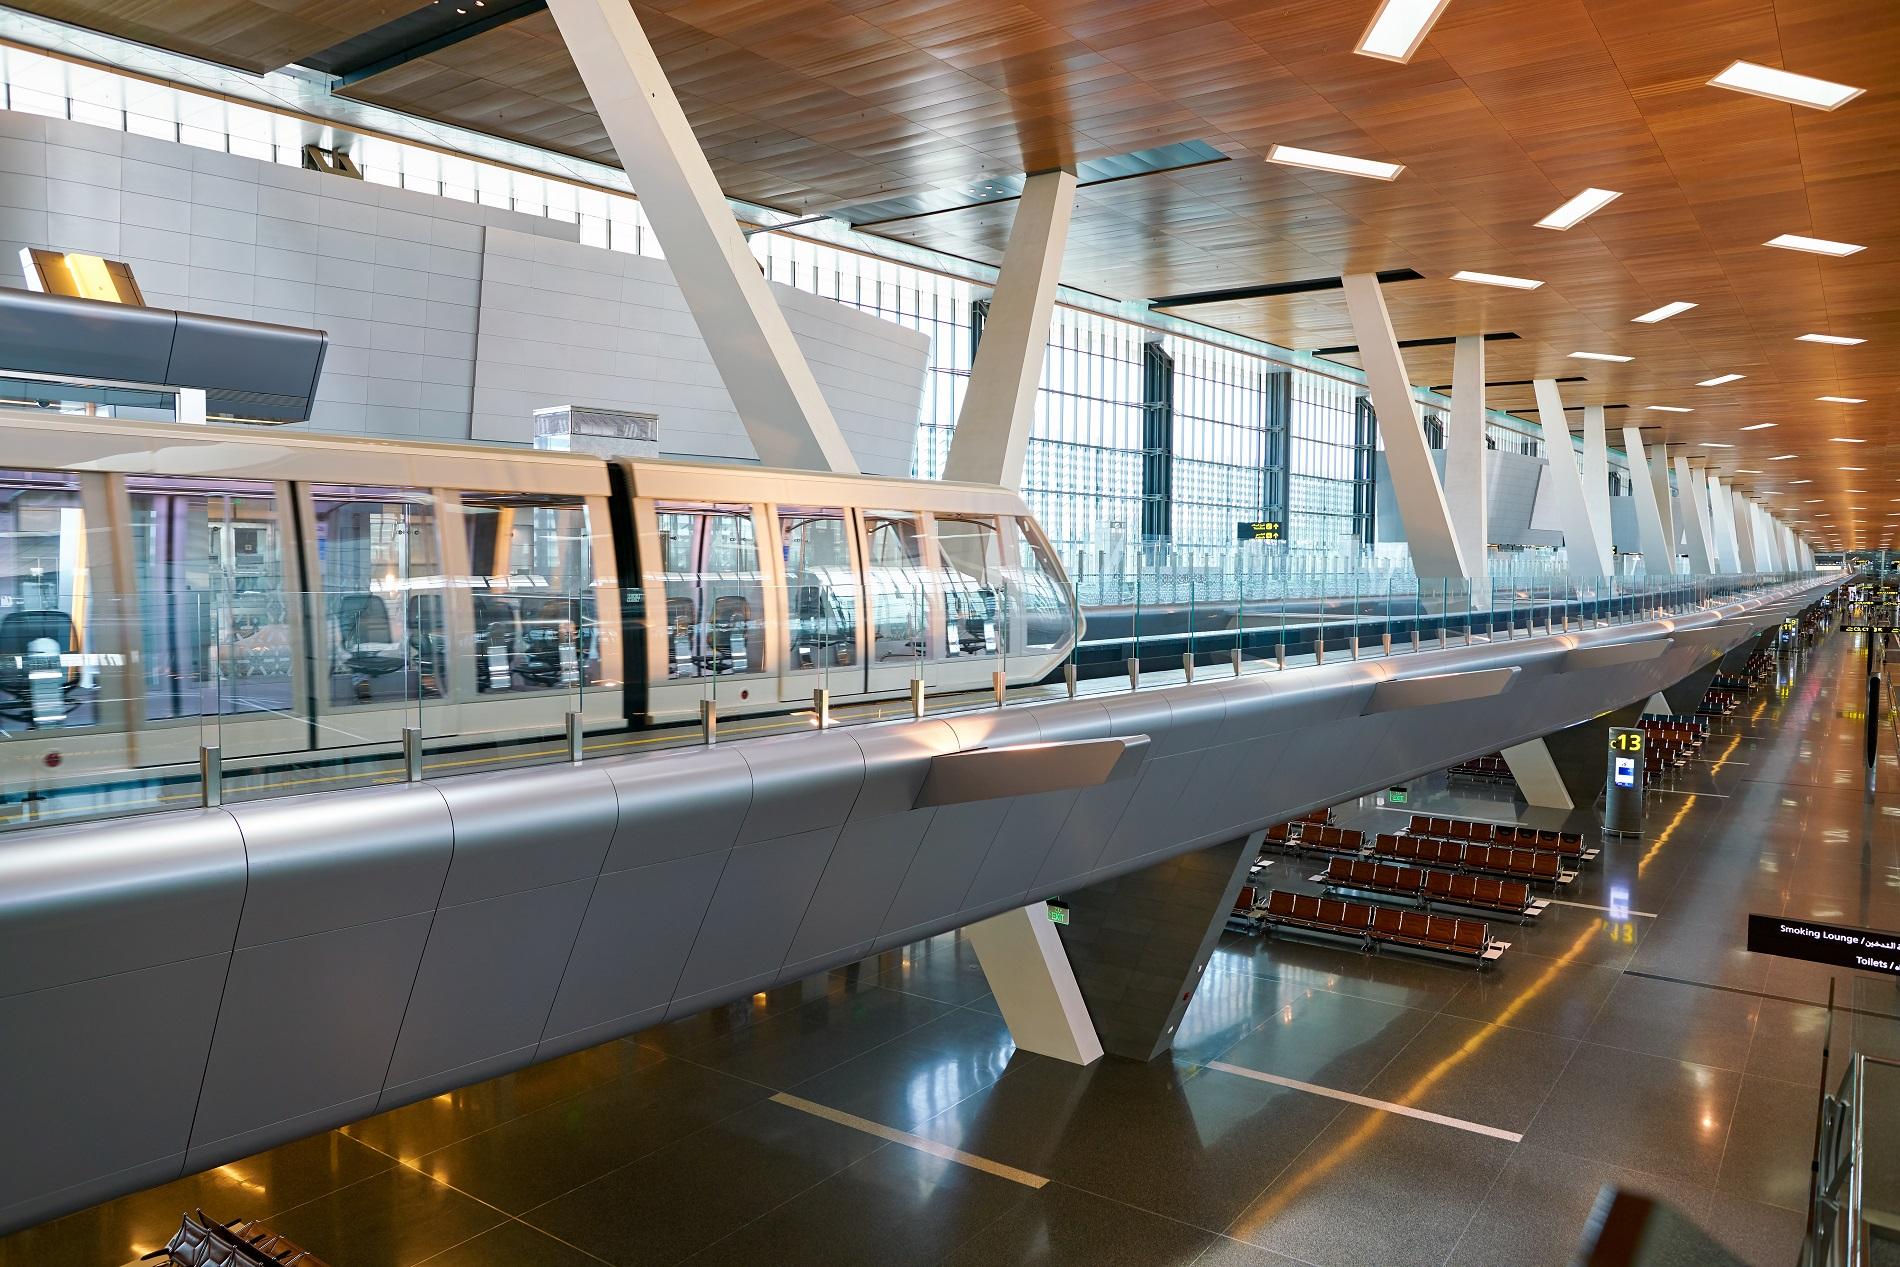 Aeropuerto Internacional Hamad Doha Qatar (3)